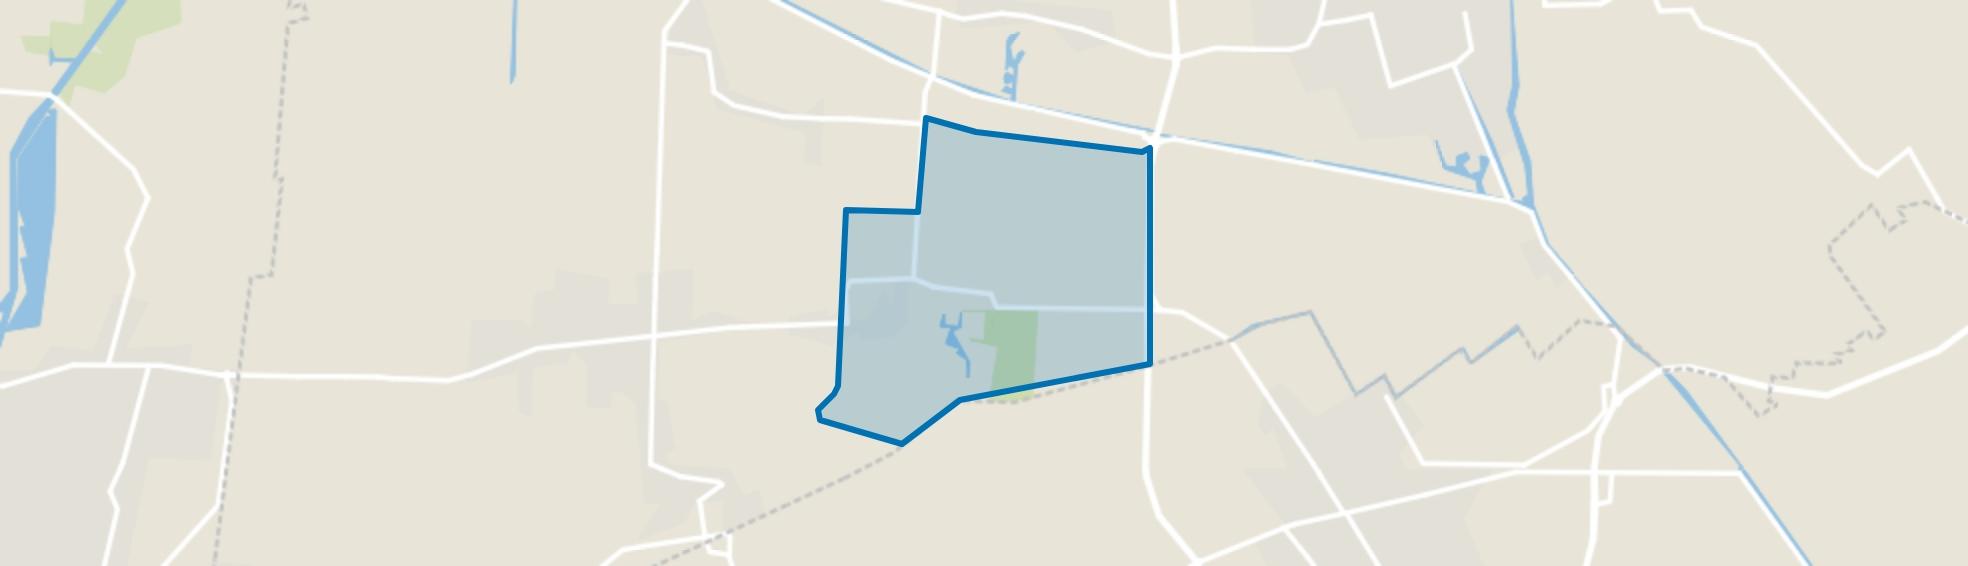 Veenklooster, Veenklooster map